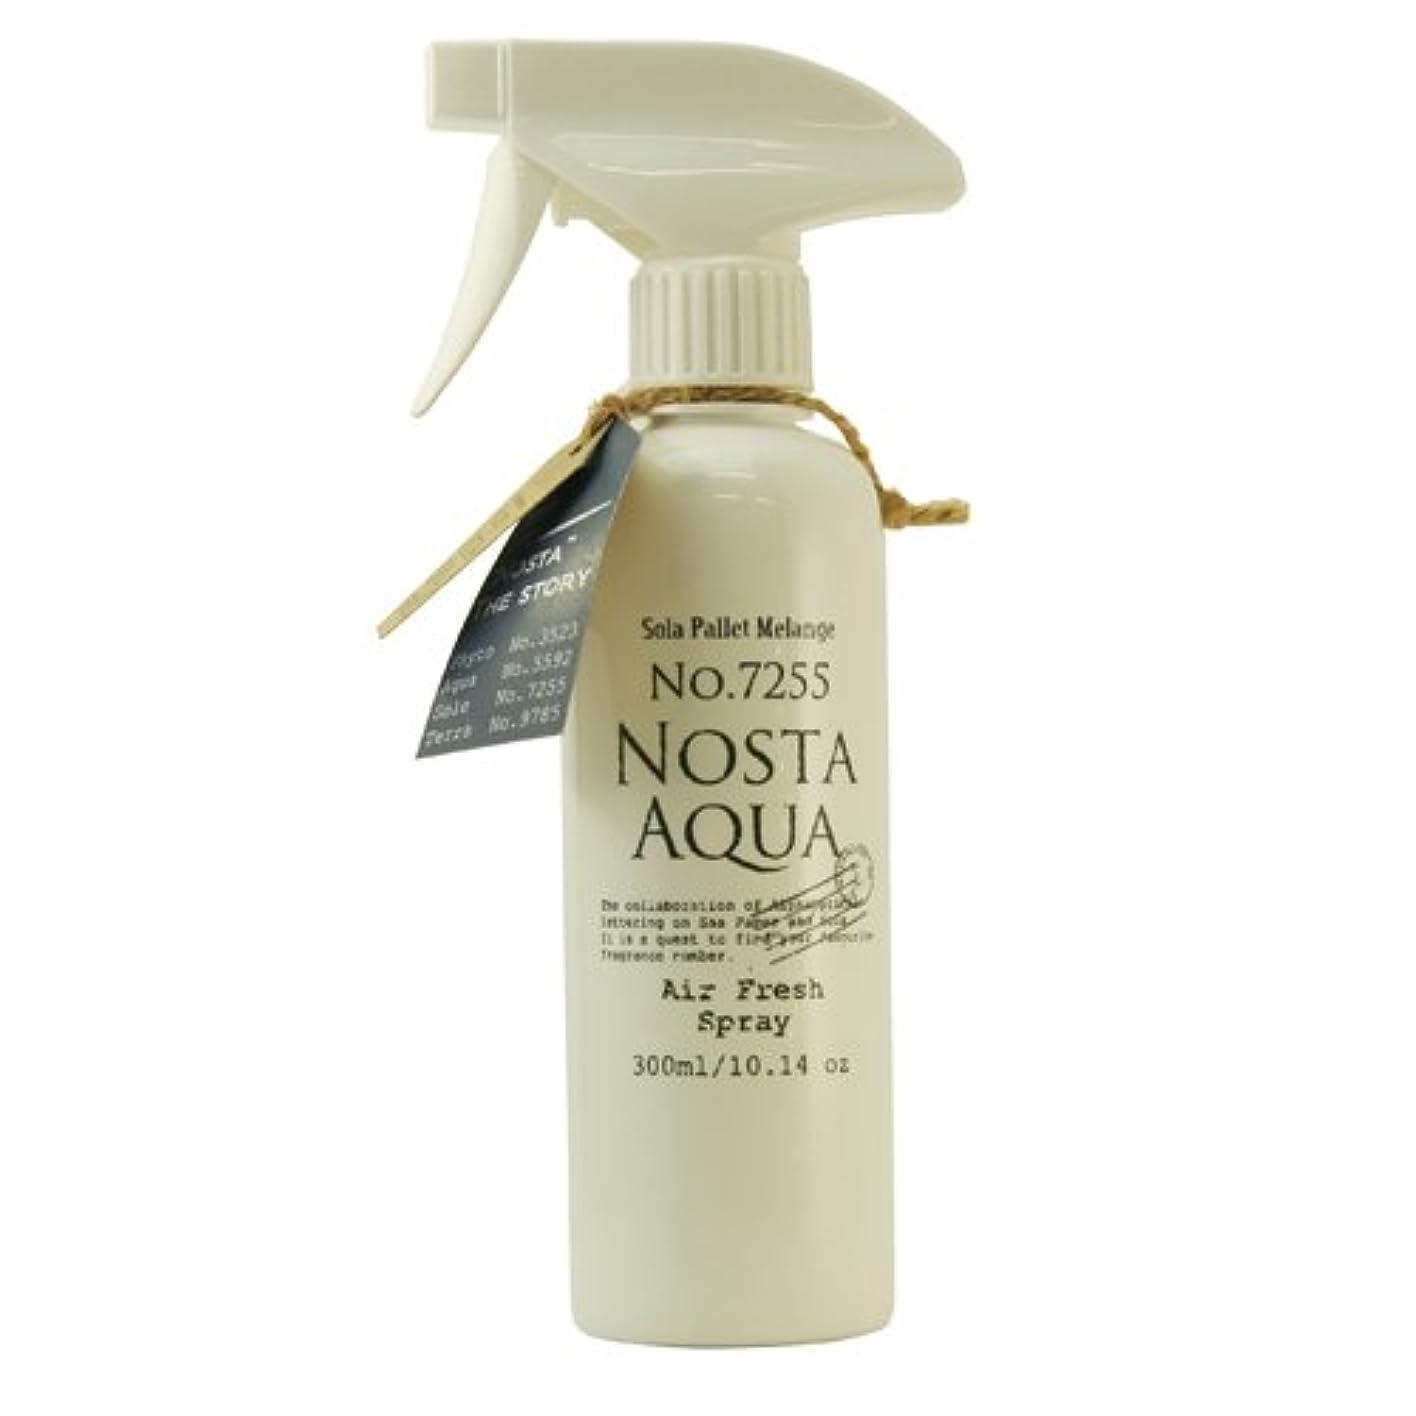 通知予測回転させるNosta ノスタ Air Fresh Spray エアーフレッシュスプレー(ルームスプレー)Aqua アクア / 生命の起源